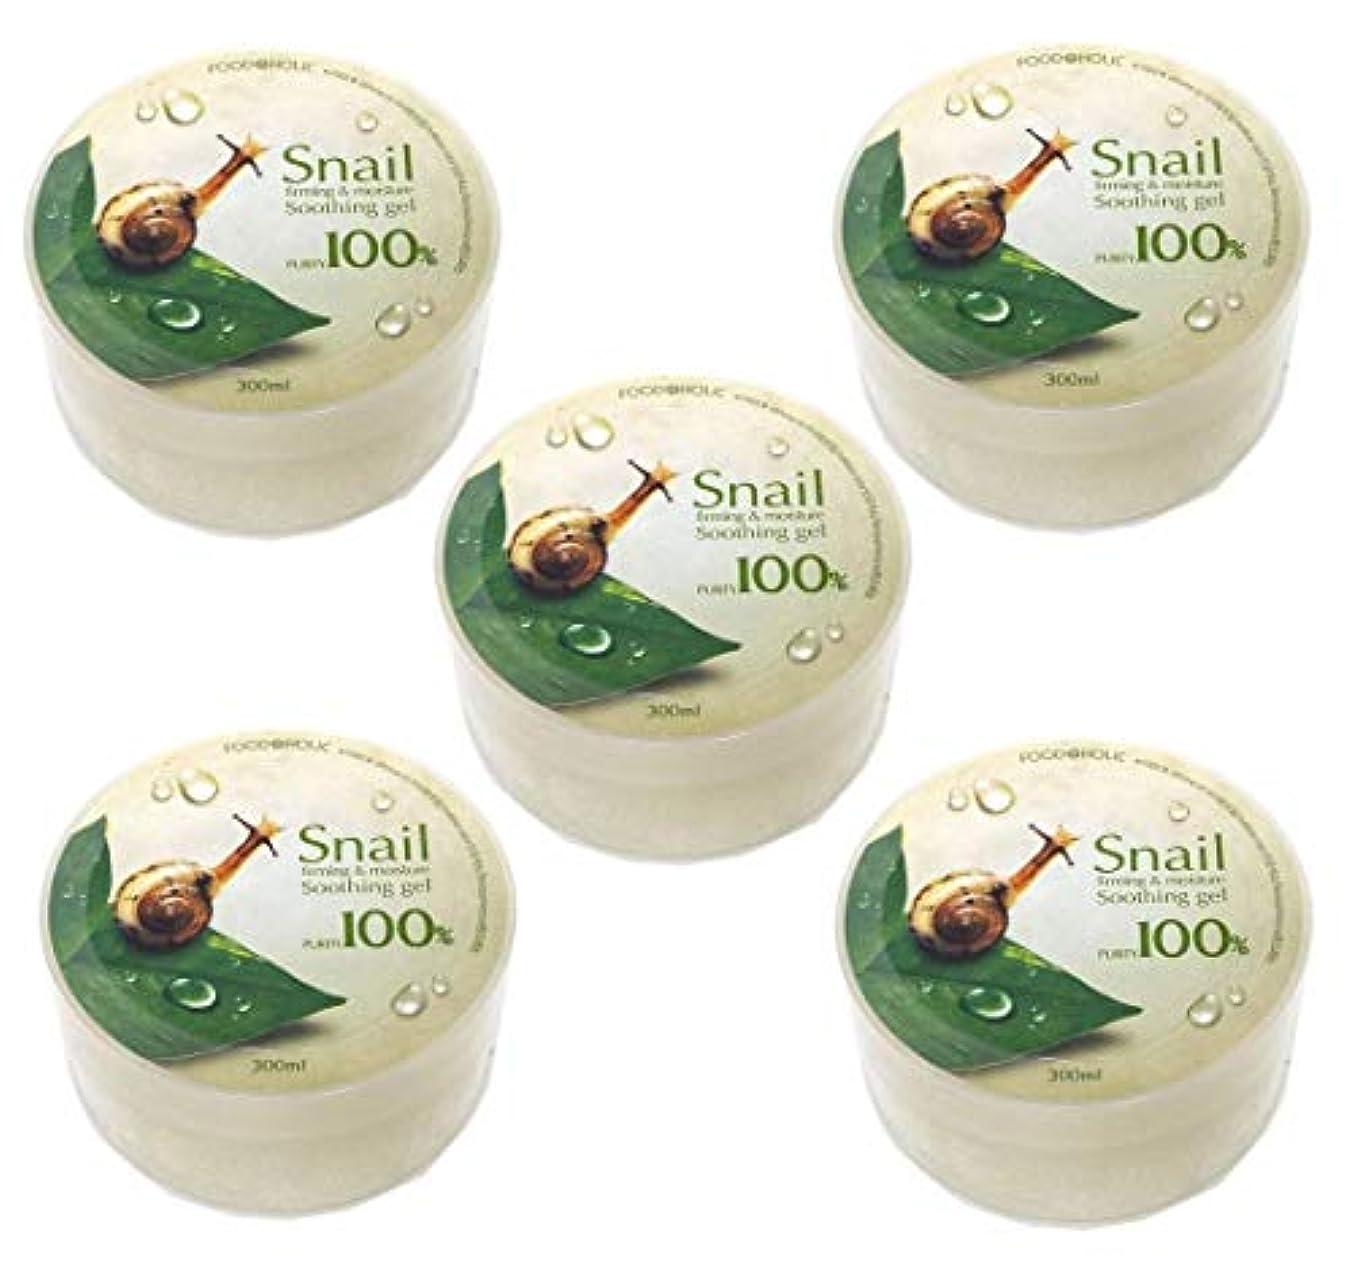 狂信者勧めるスイッチ[Food A Holic] スネイルファーミング&水分スージングジェル300ml X 5ea / Snail Firming & moisture Soothing Gel 300ml X 5ea / 純度97% /...